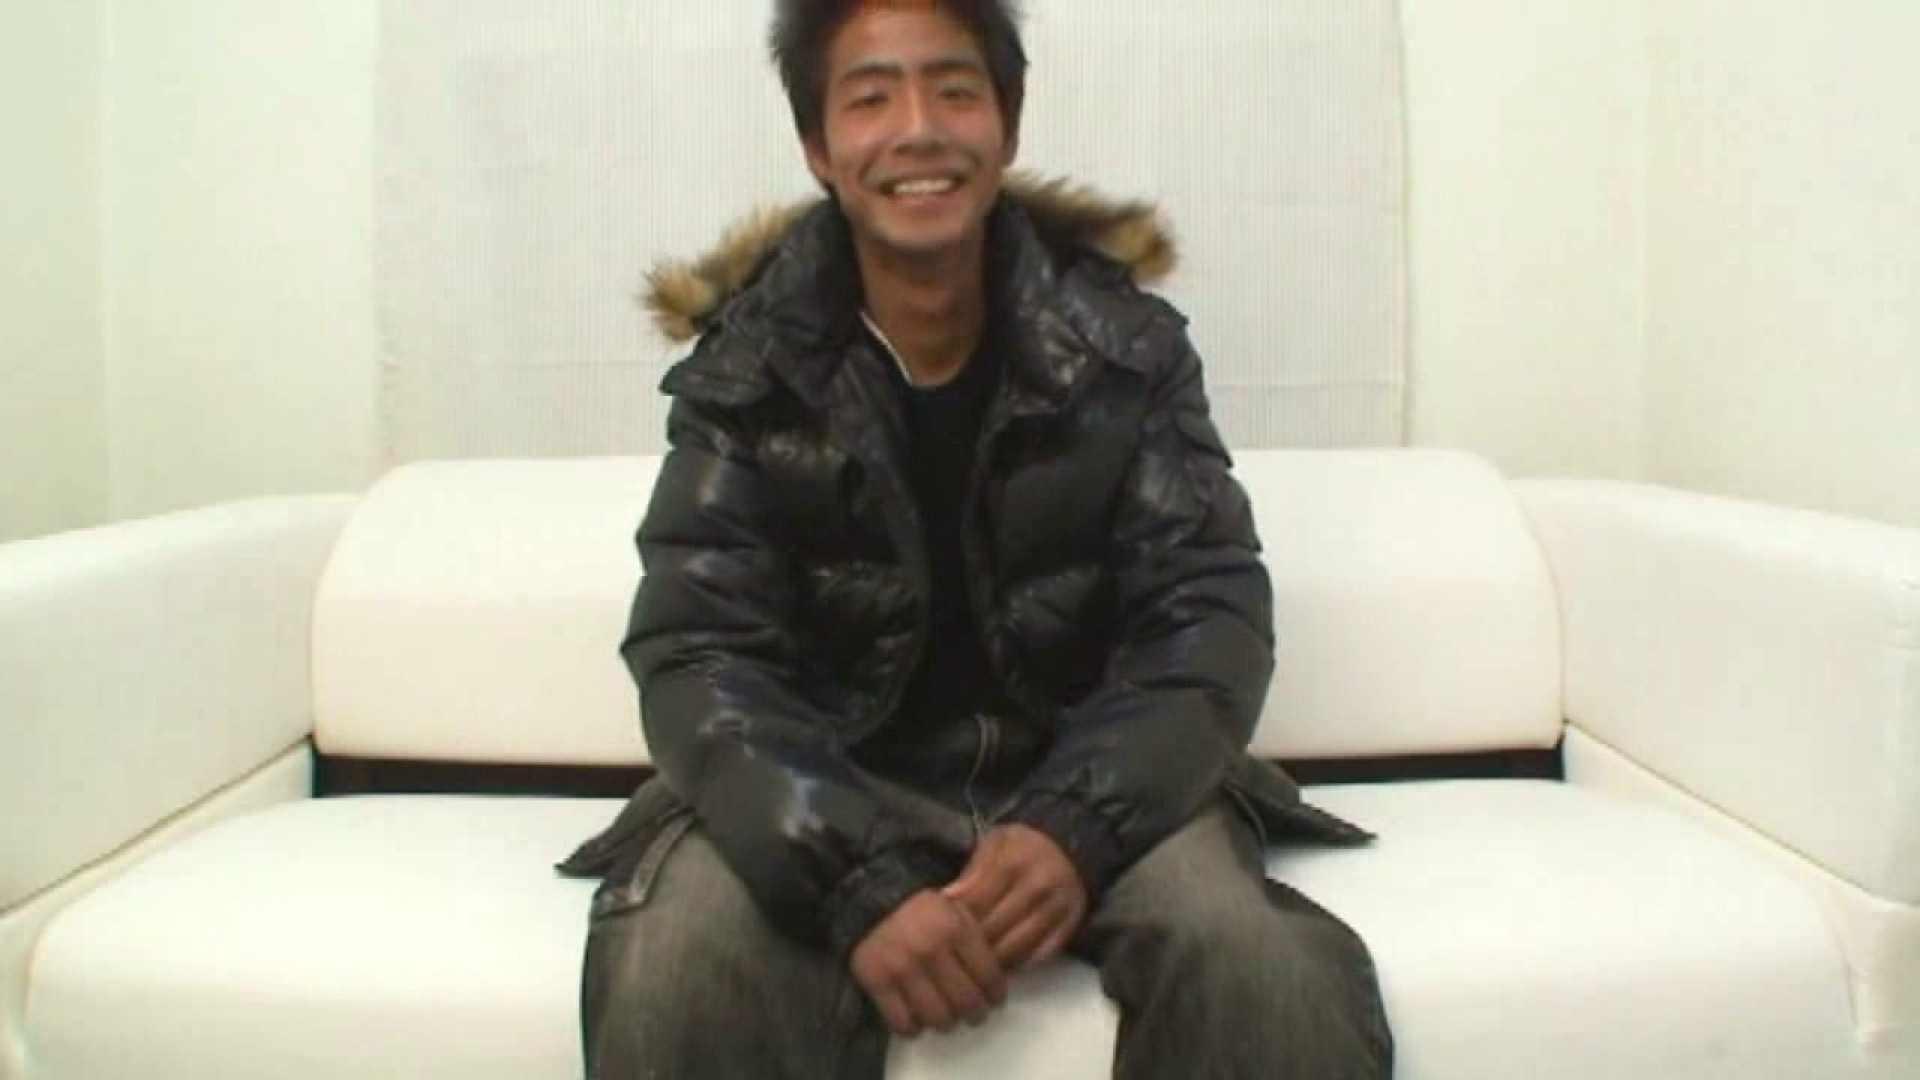 ノンケ!自慰スタジオ No.30 メンズ大学生 ゲイ無料エロ画像 95画像 35